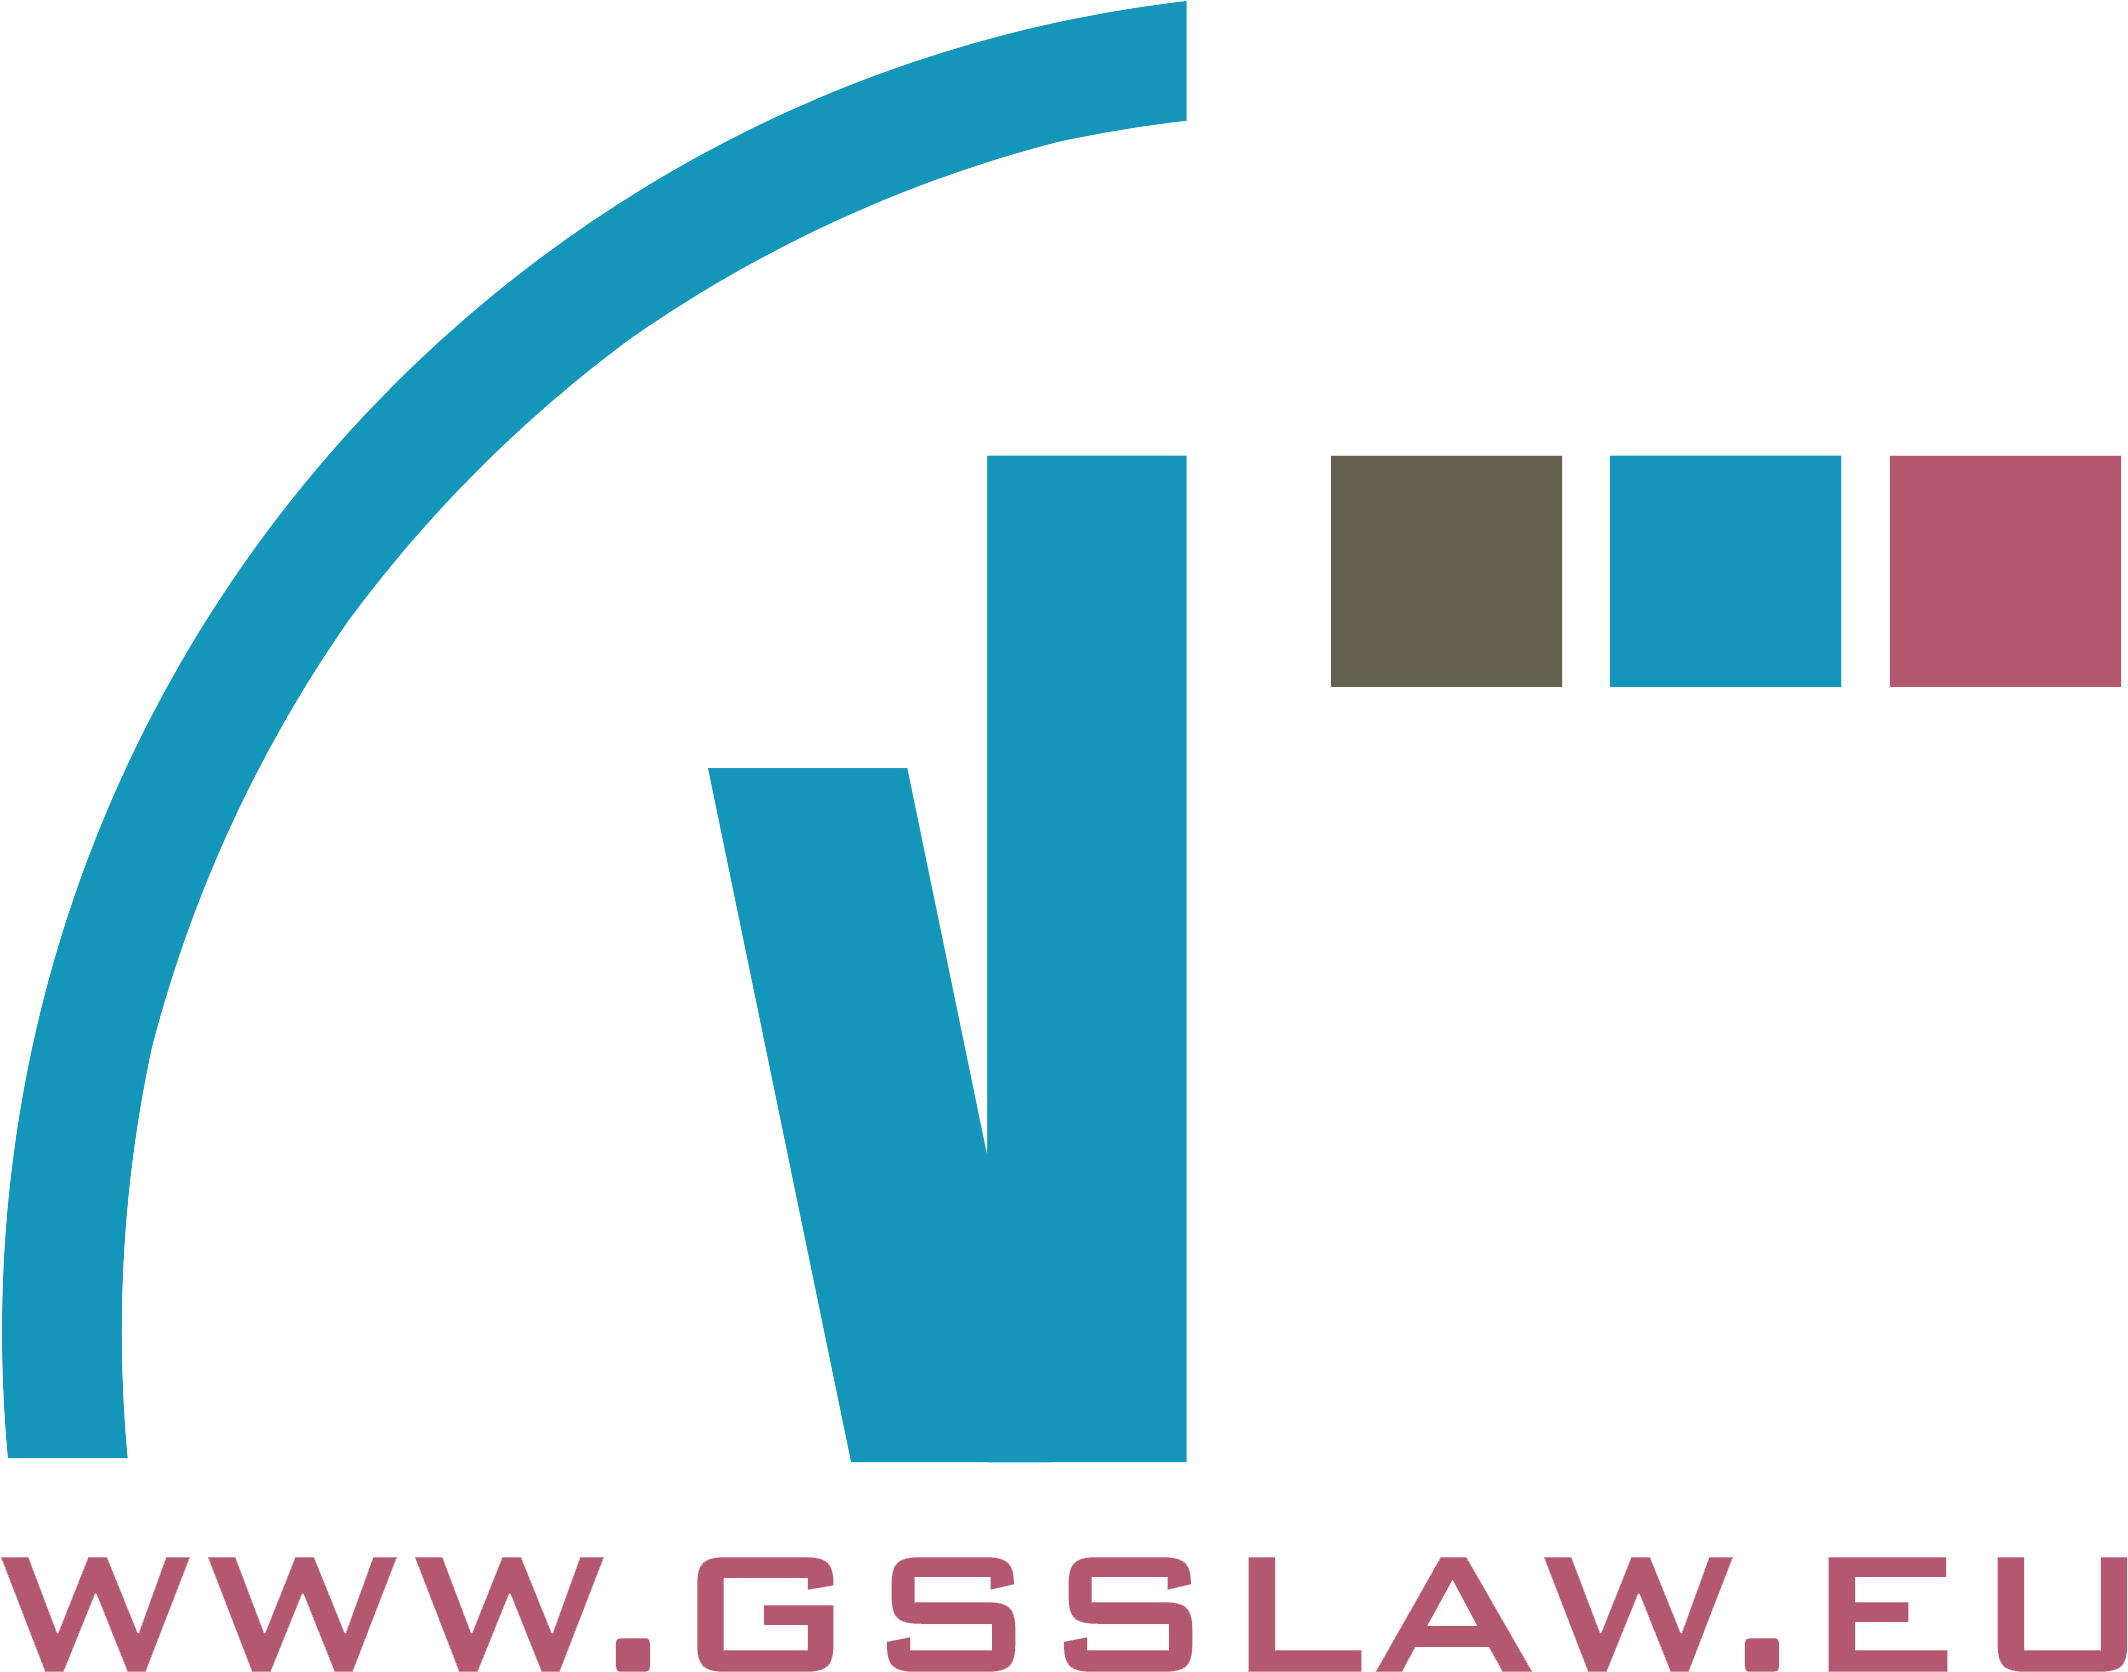 gsslaw.eu